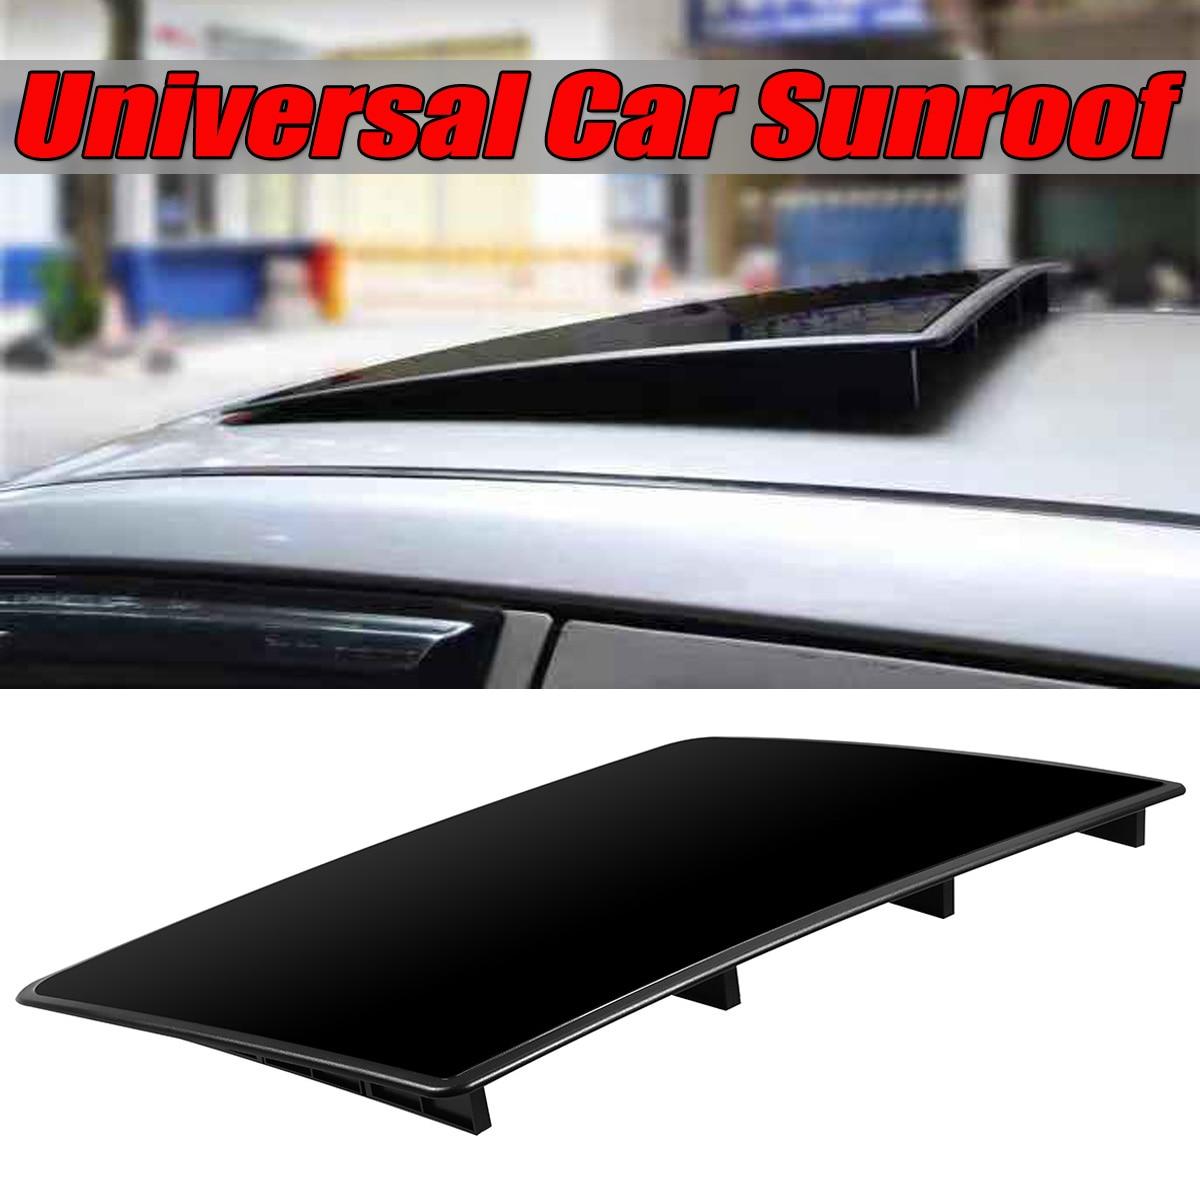 1x Универсальный чехол для крыши автомобиля, имитация крыш для крыши, DIY Украшение для Benz для BMW для Audi для Honda Для Mazad